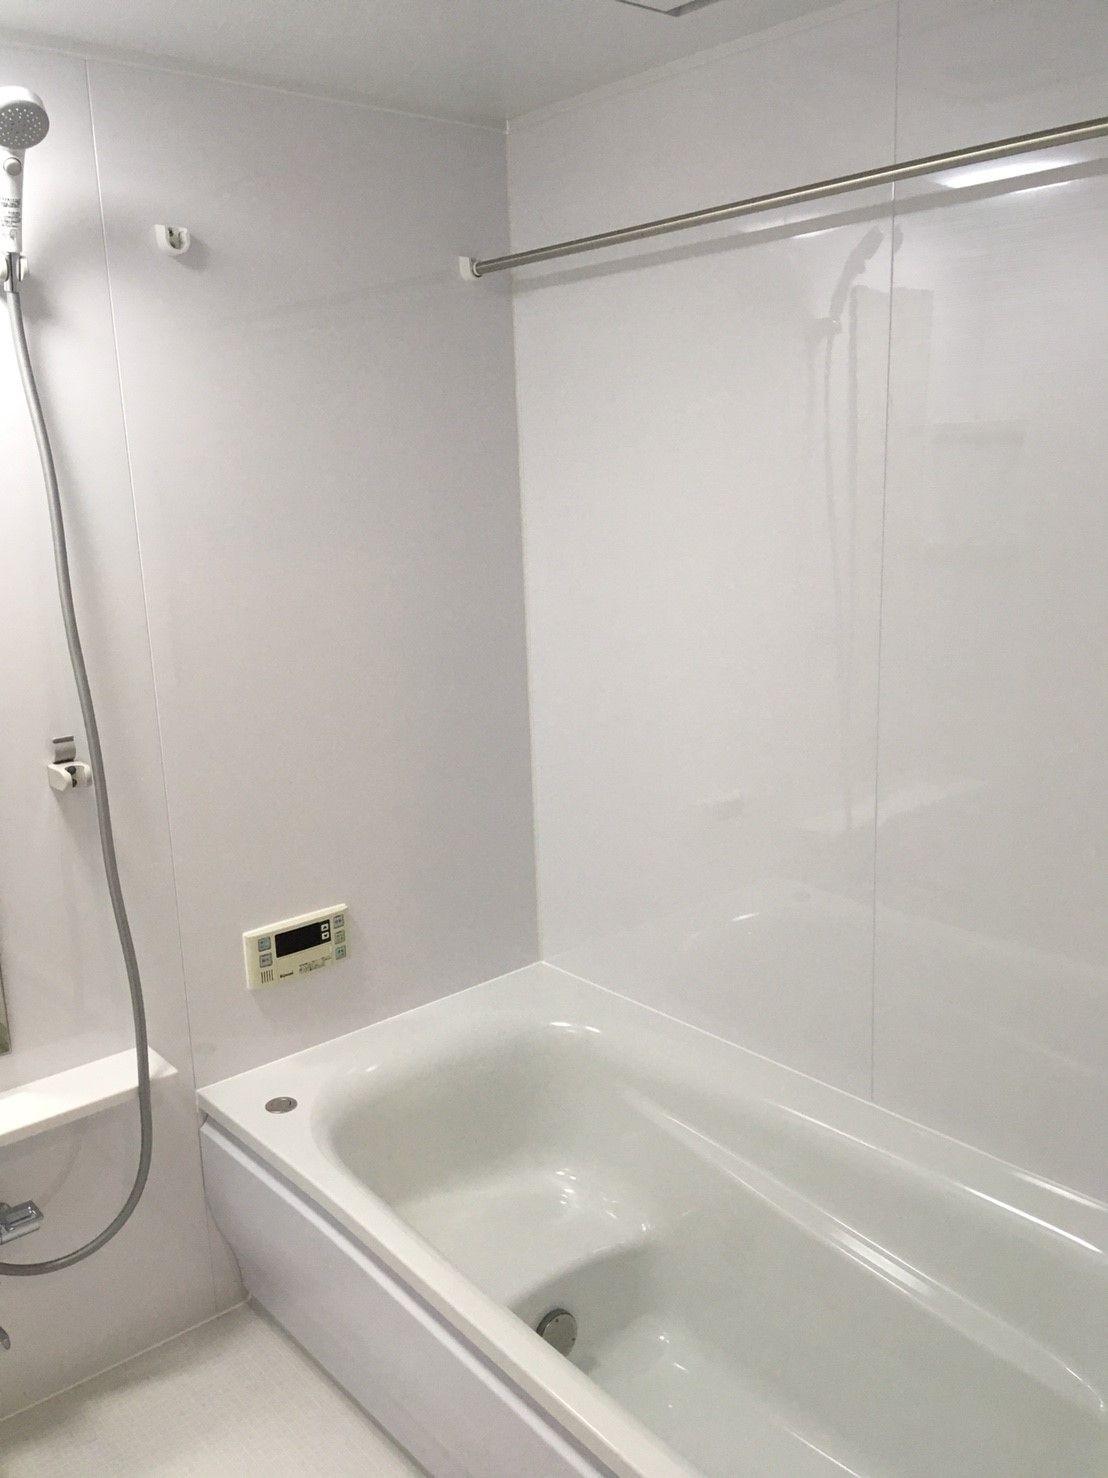 真っ白の ーその ー お風呂 リフォーム リフォーム 住宅リフォーム